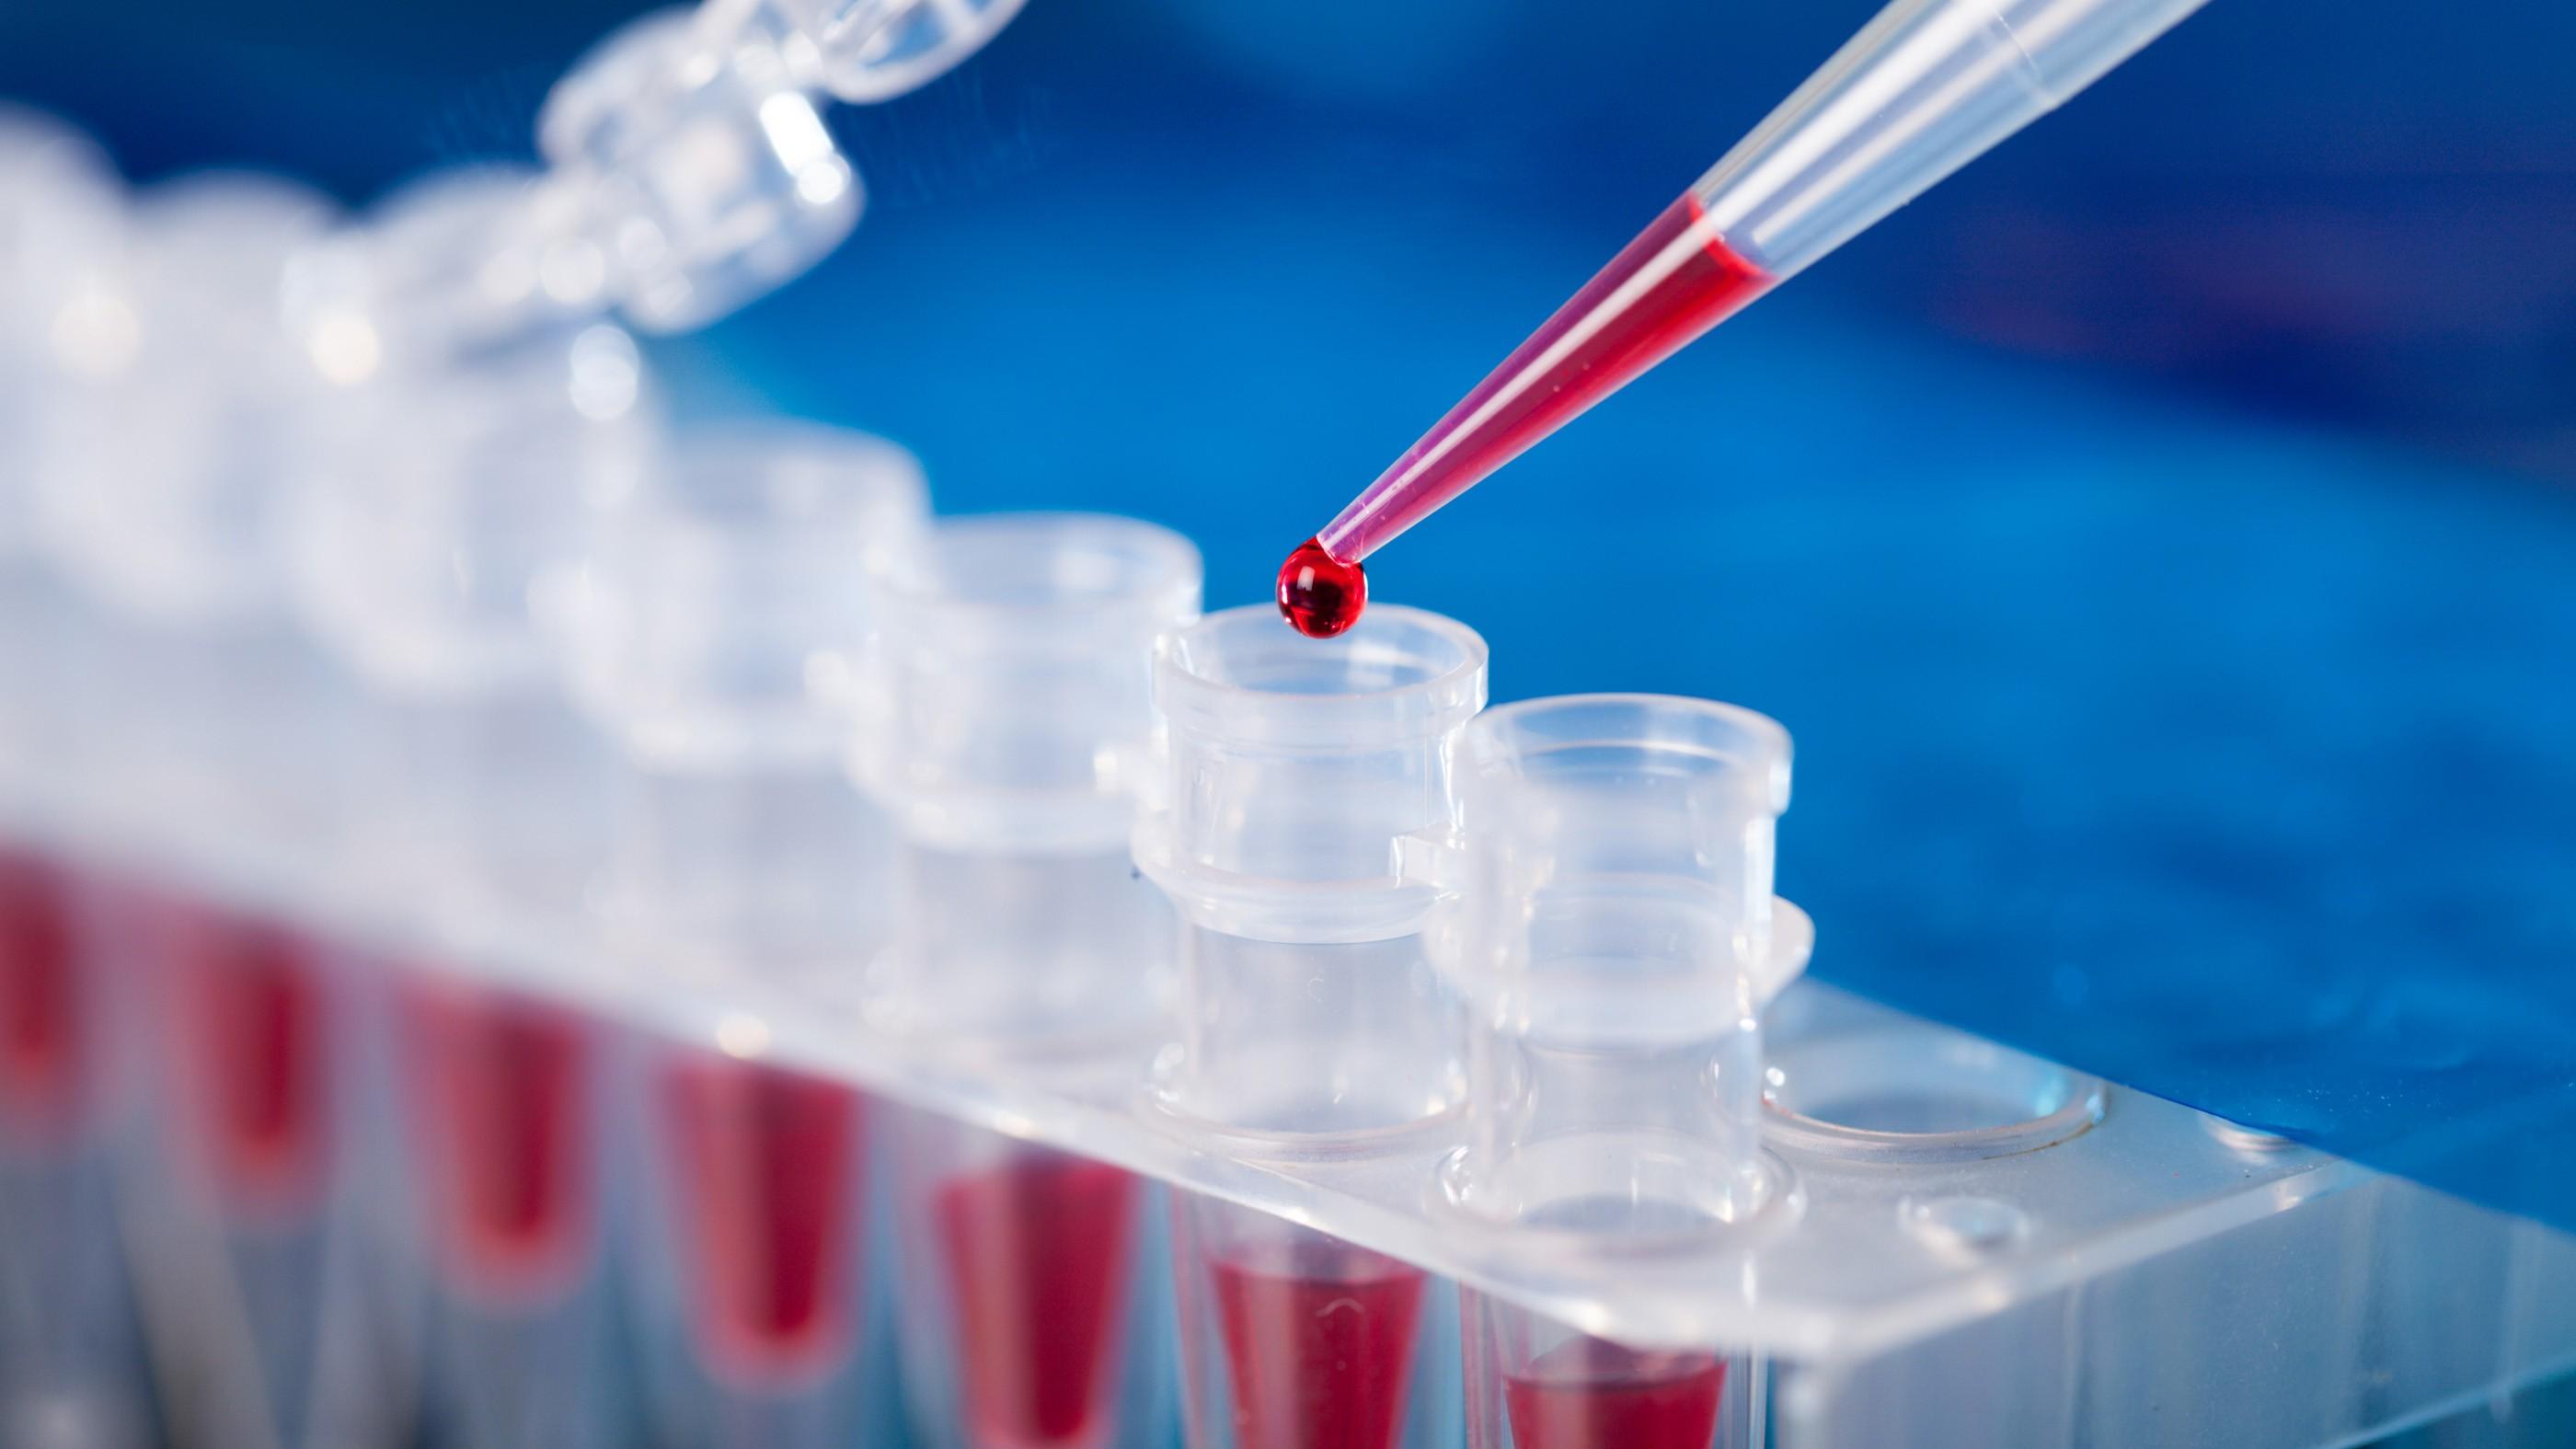 تست PCR چیست؟